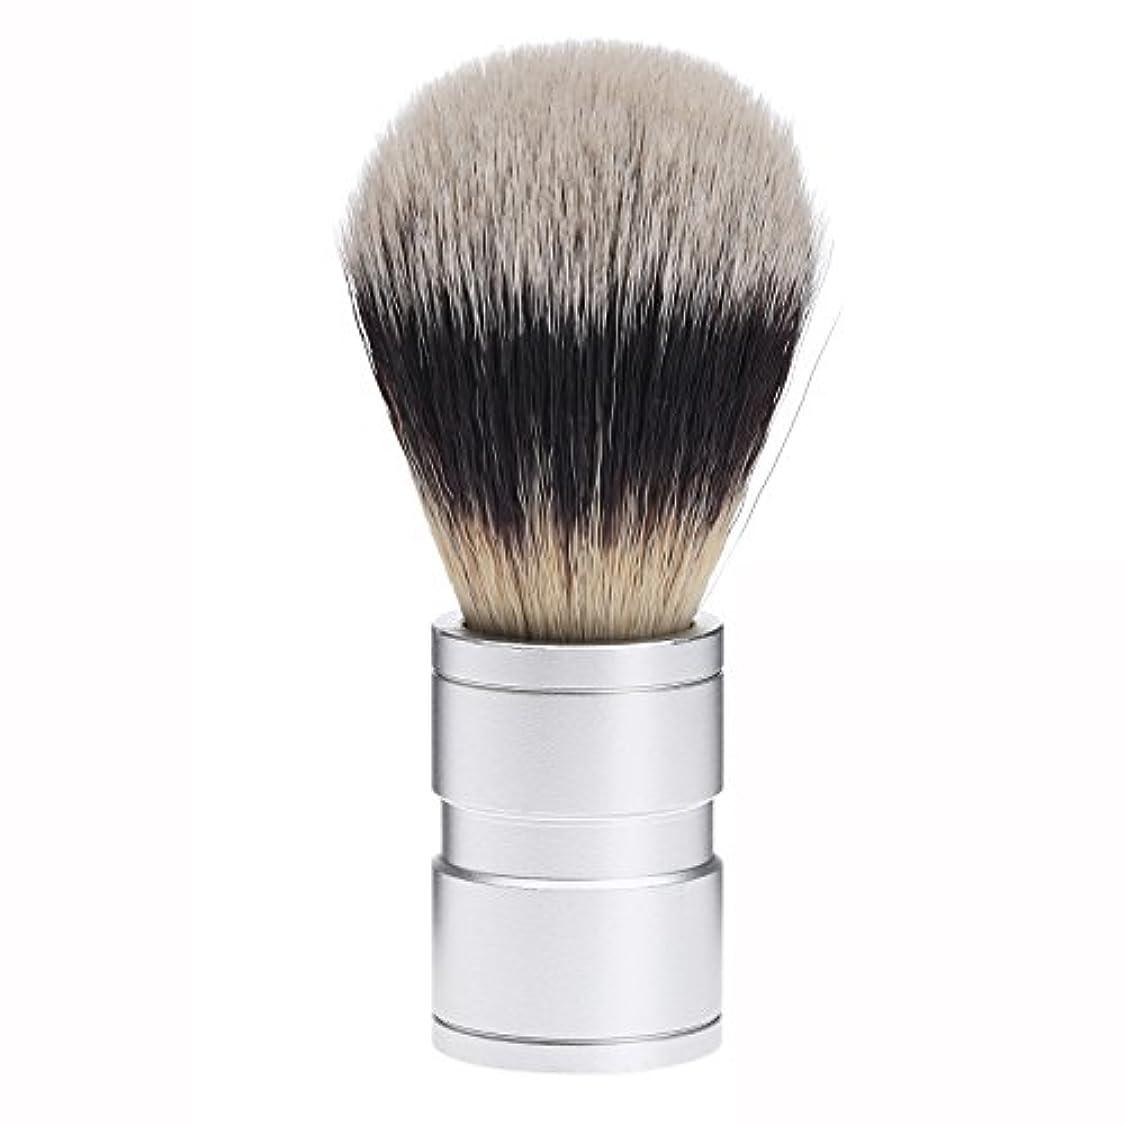 パキスタン発動機一貫性のないDophee  シェービング用ブラシ シェービングブラシ メンズ 洗顔ブラシ イミテーションアナグマ毛 ファイン模倣 理容 洗顔 髭剃り